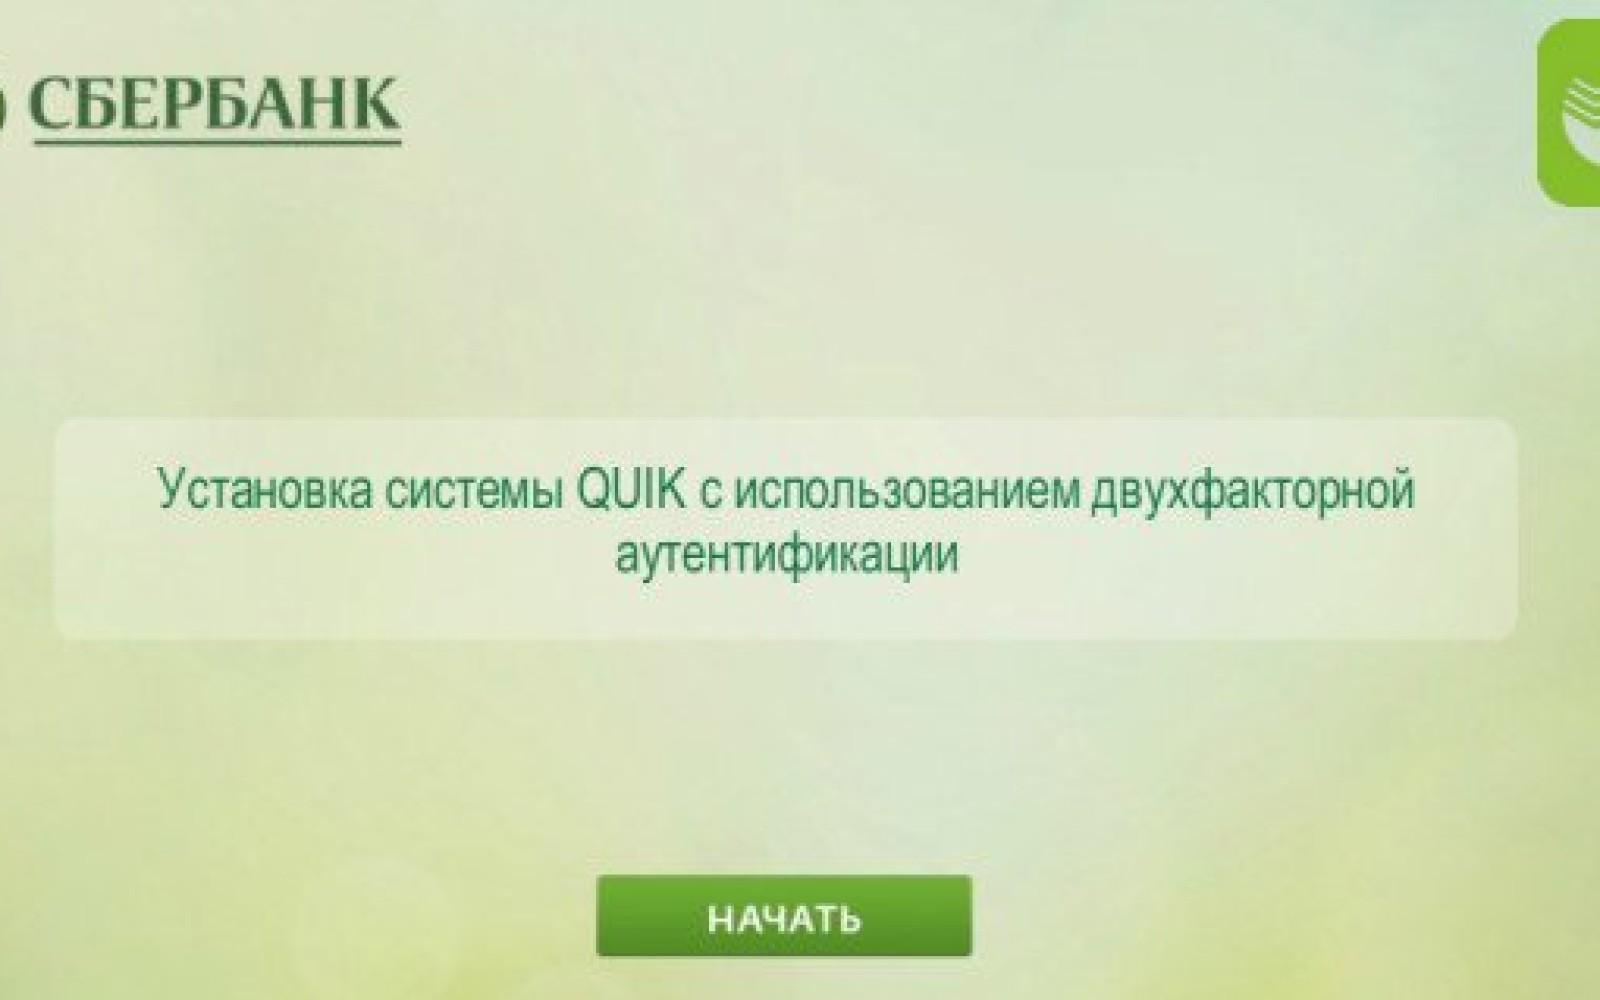 Акции газпром купить онлайн